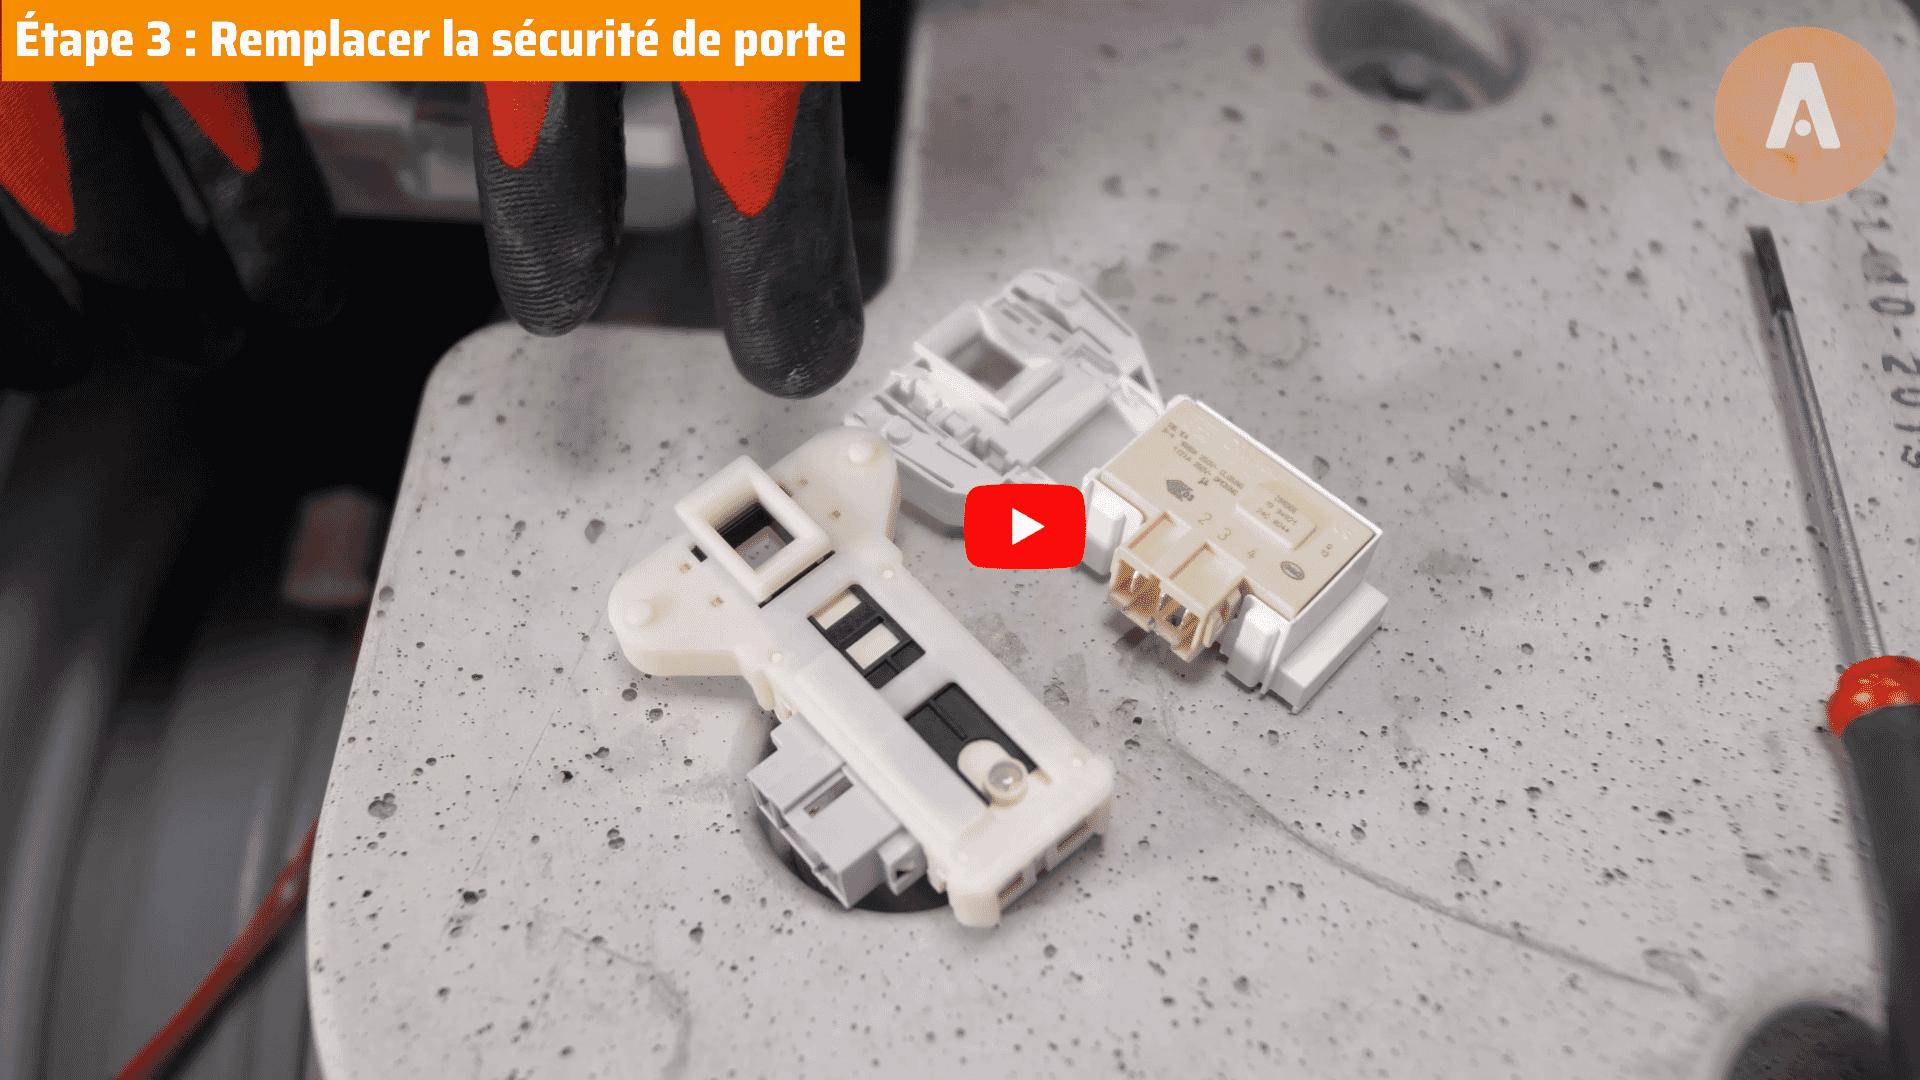 Tutoriel vidéo : comment changer la sécurité de porte d'un lave-linge ?